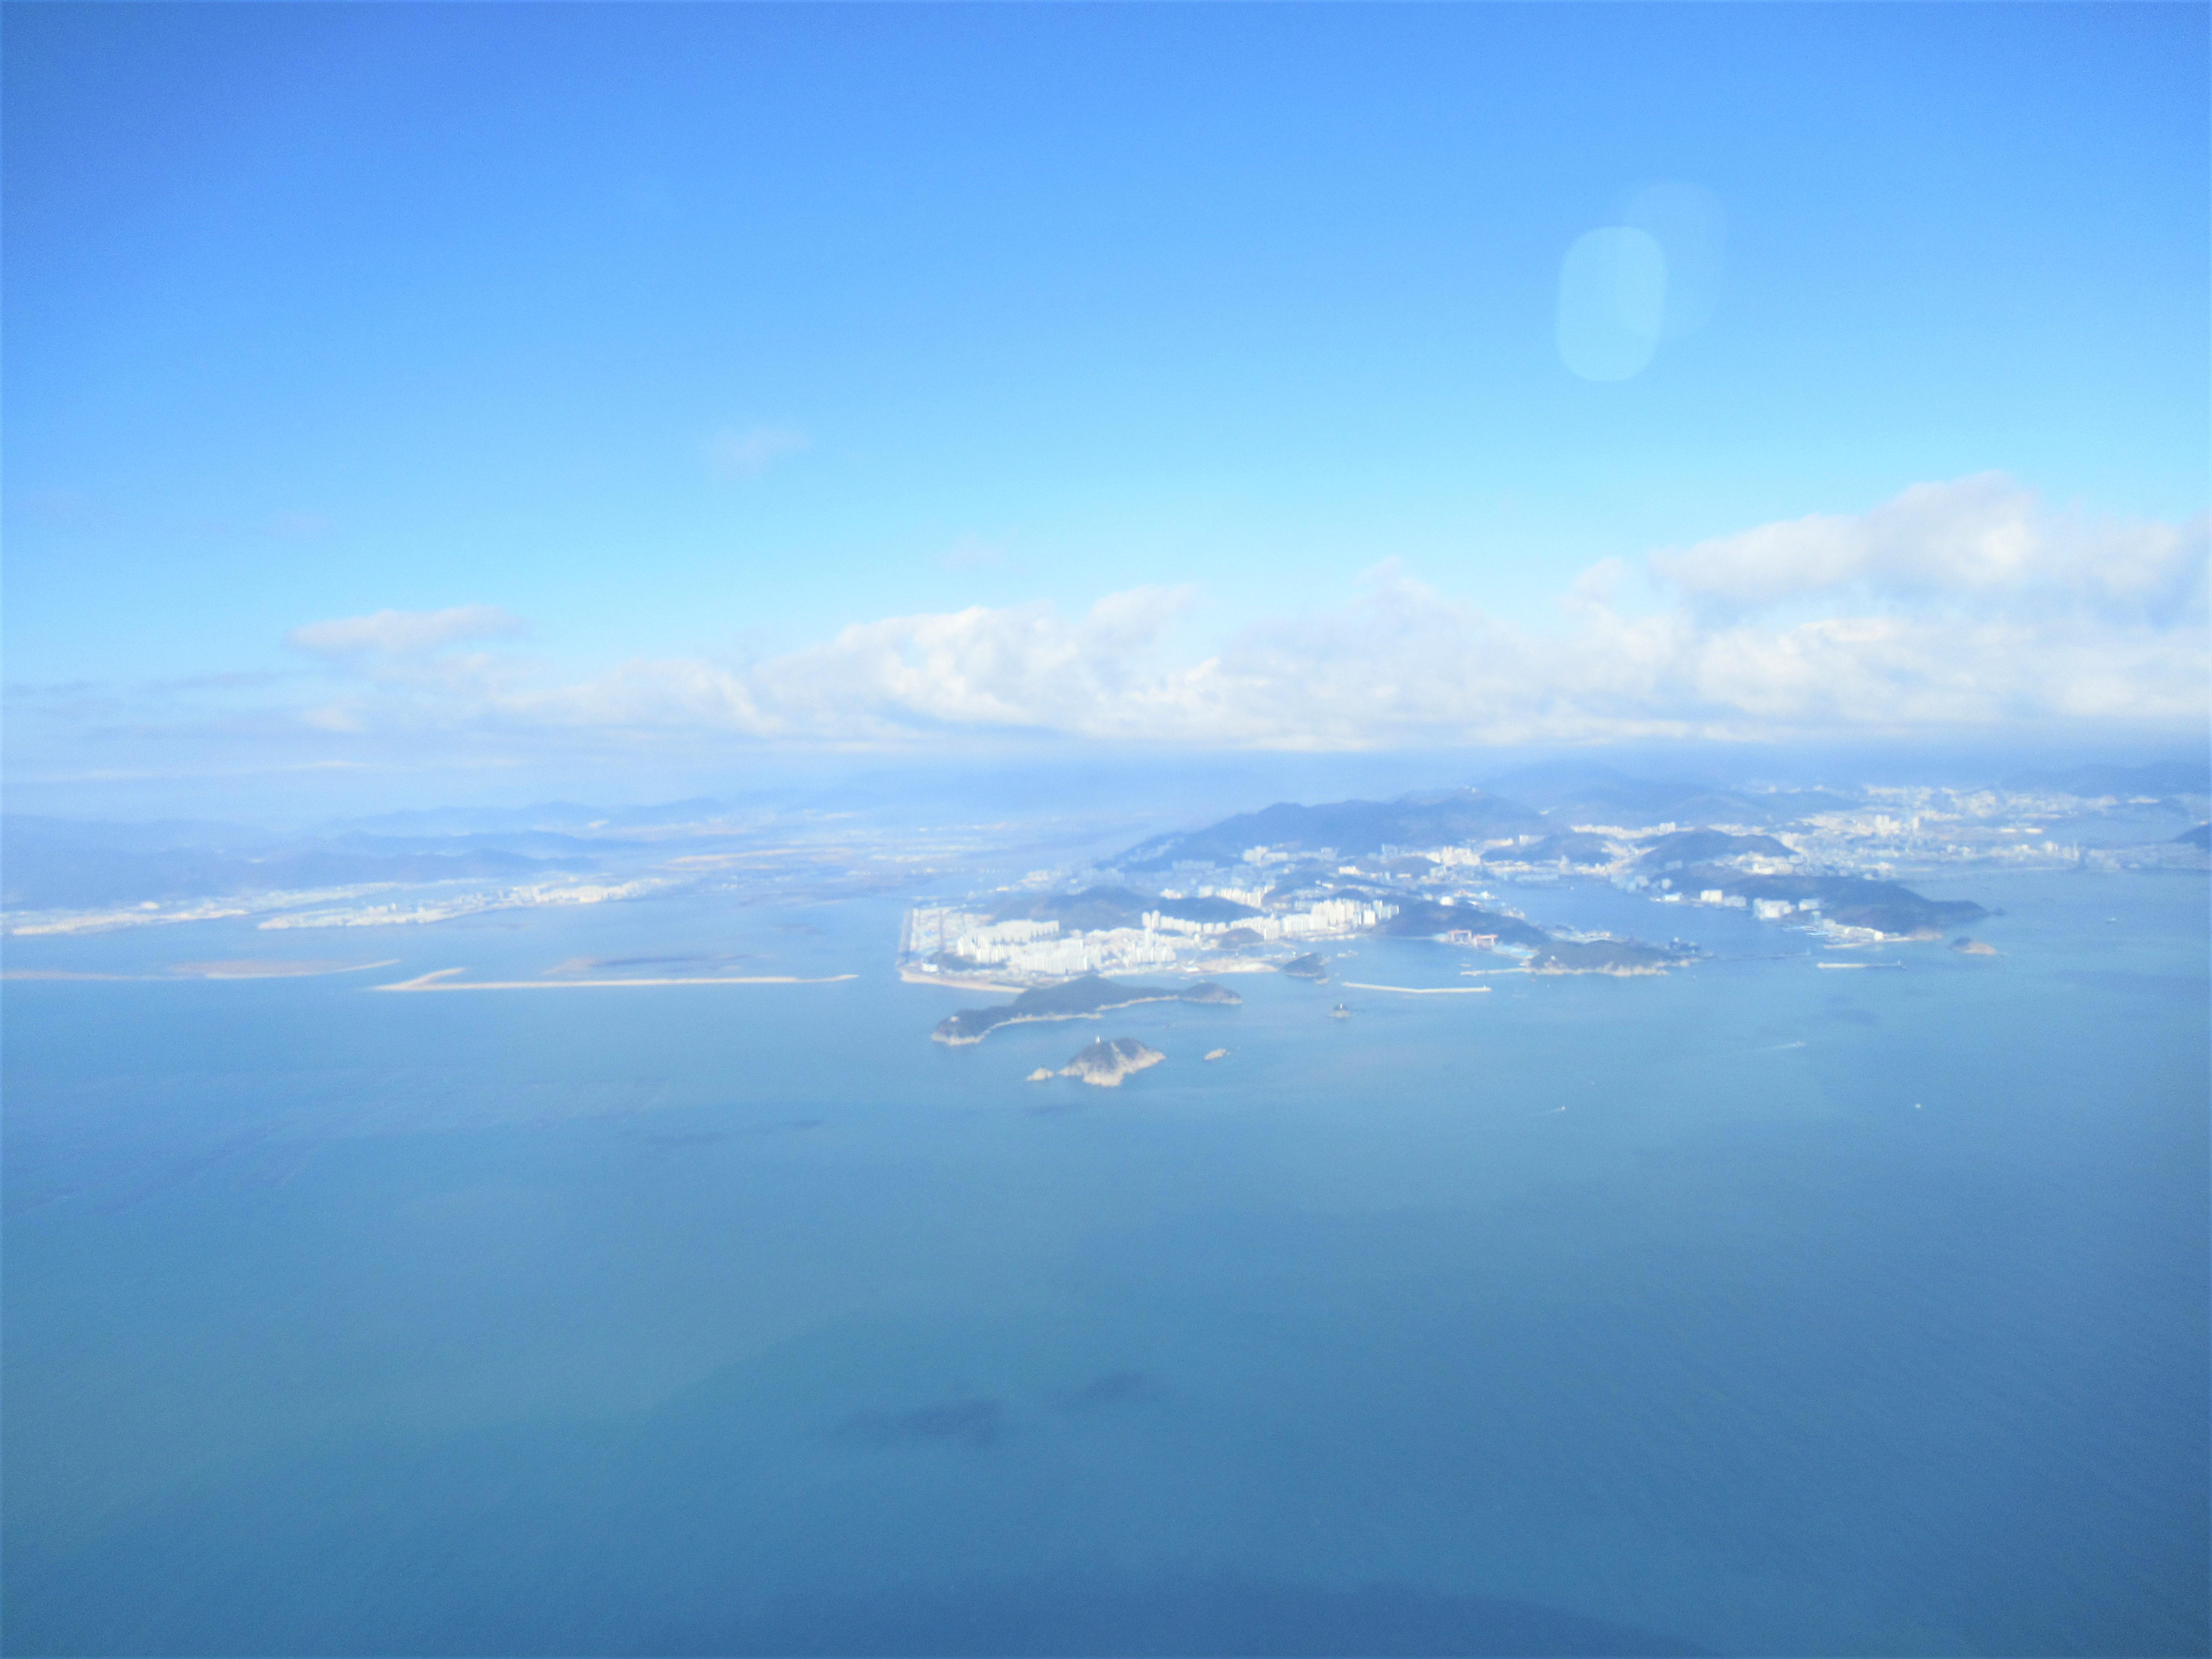 エアプサン⇔関空の搭乗レビューと釜山行きが安い航空券セールの戦利品|韓国ブログ旅